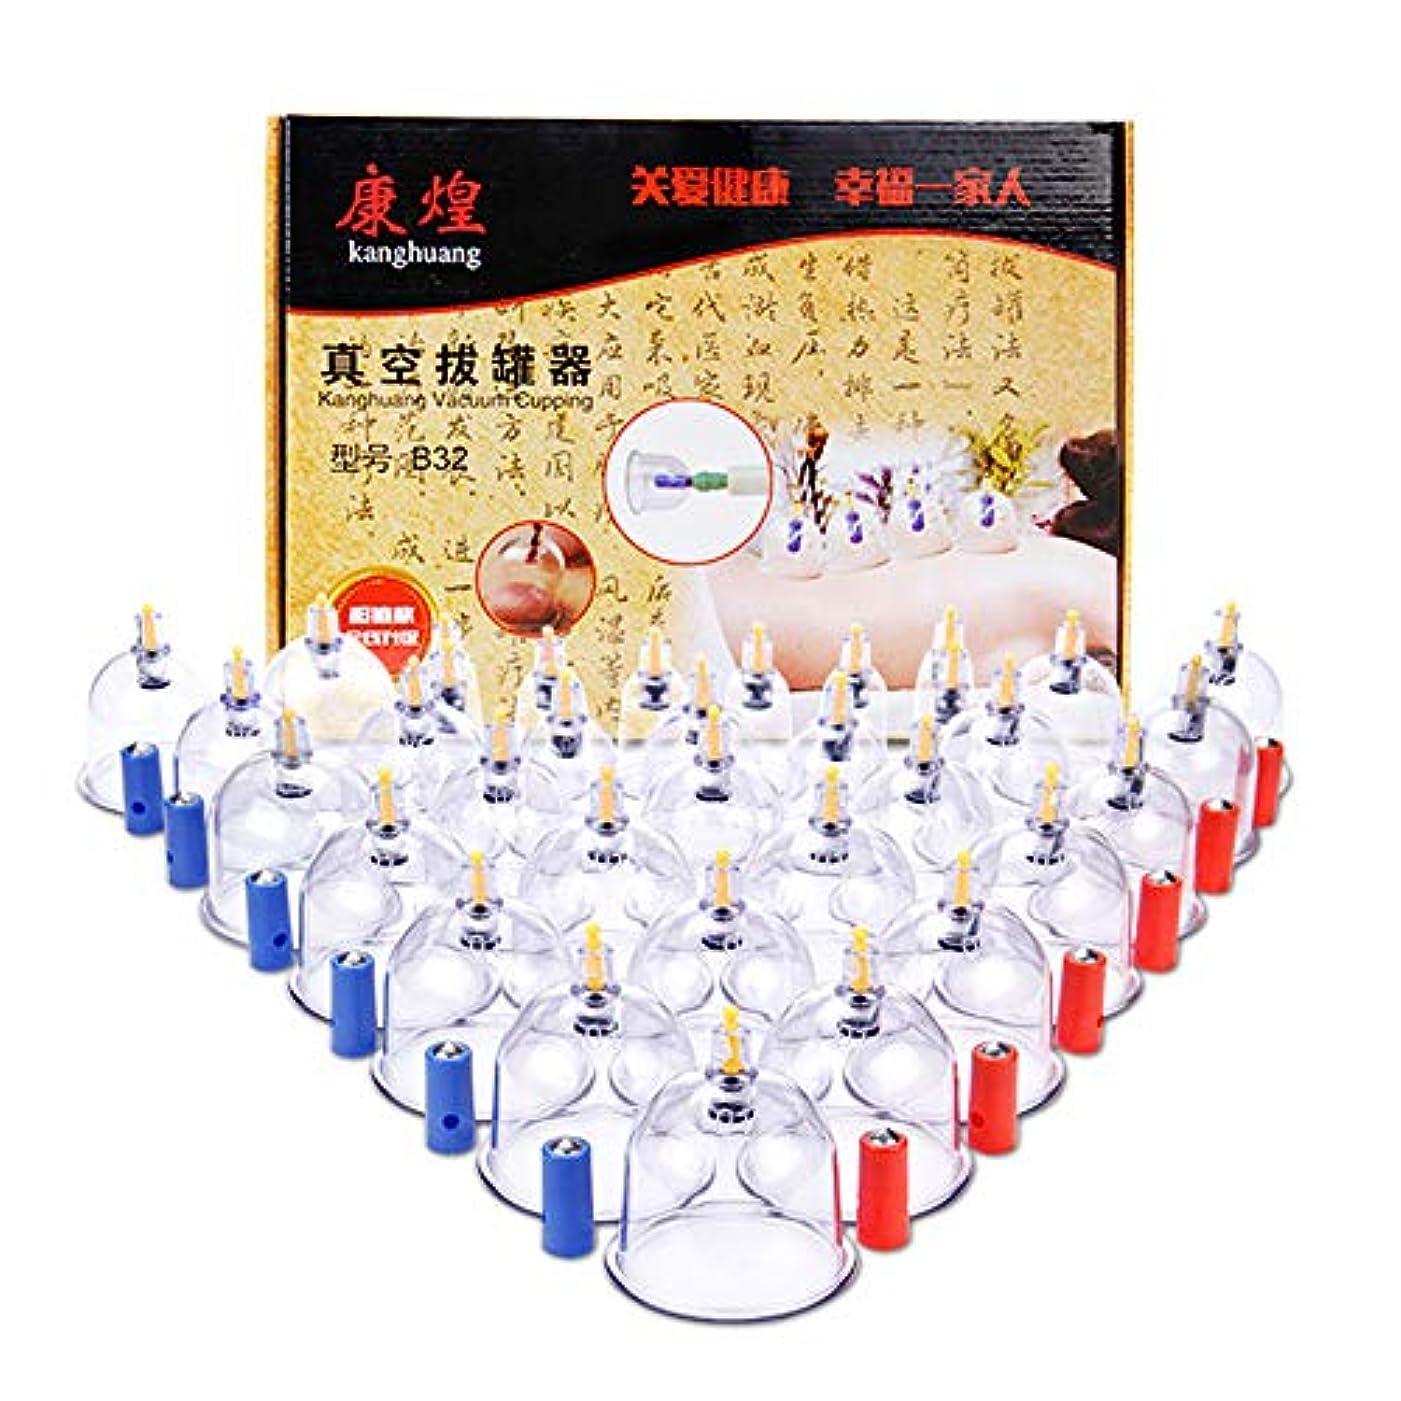 確立します予想外子豚32カップカッピング装置真空カッピングサクションカップマッサージマッサージジャー缶顔マッサージ